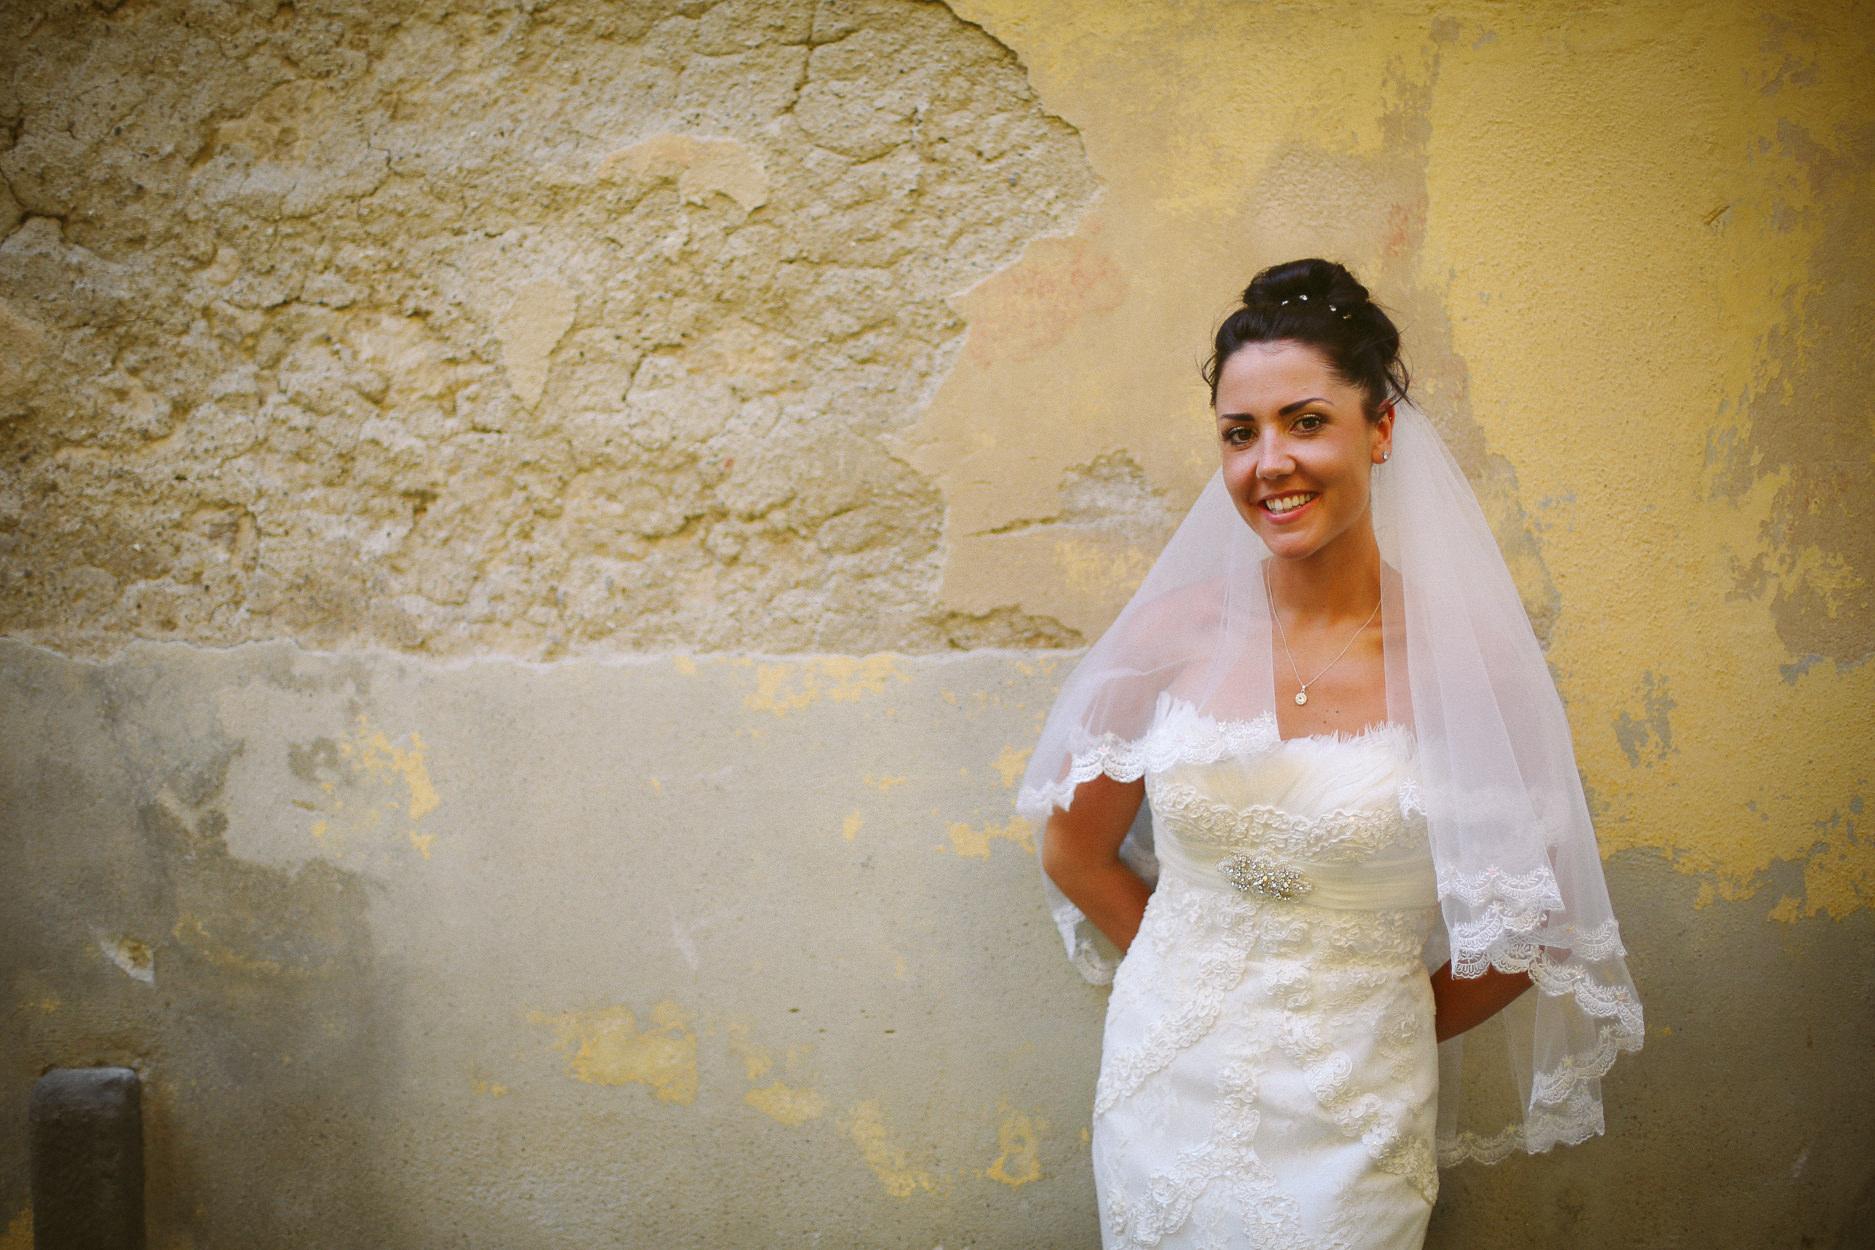 English-Wedding-Photographer-Photography-Sorrento-Italy-Documentary-wedding-photography-16